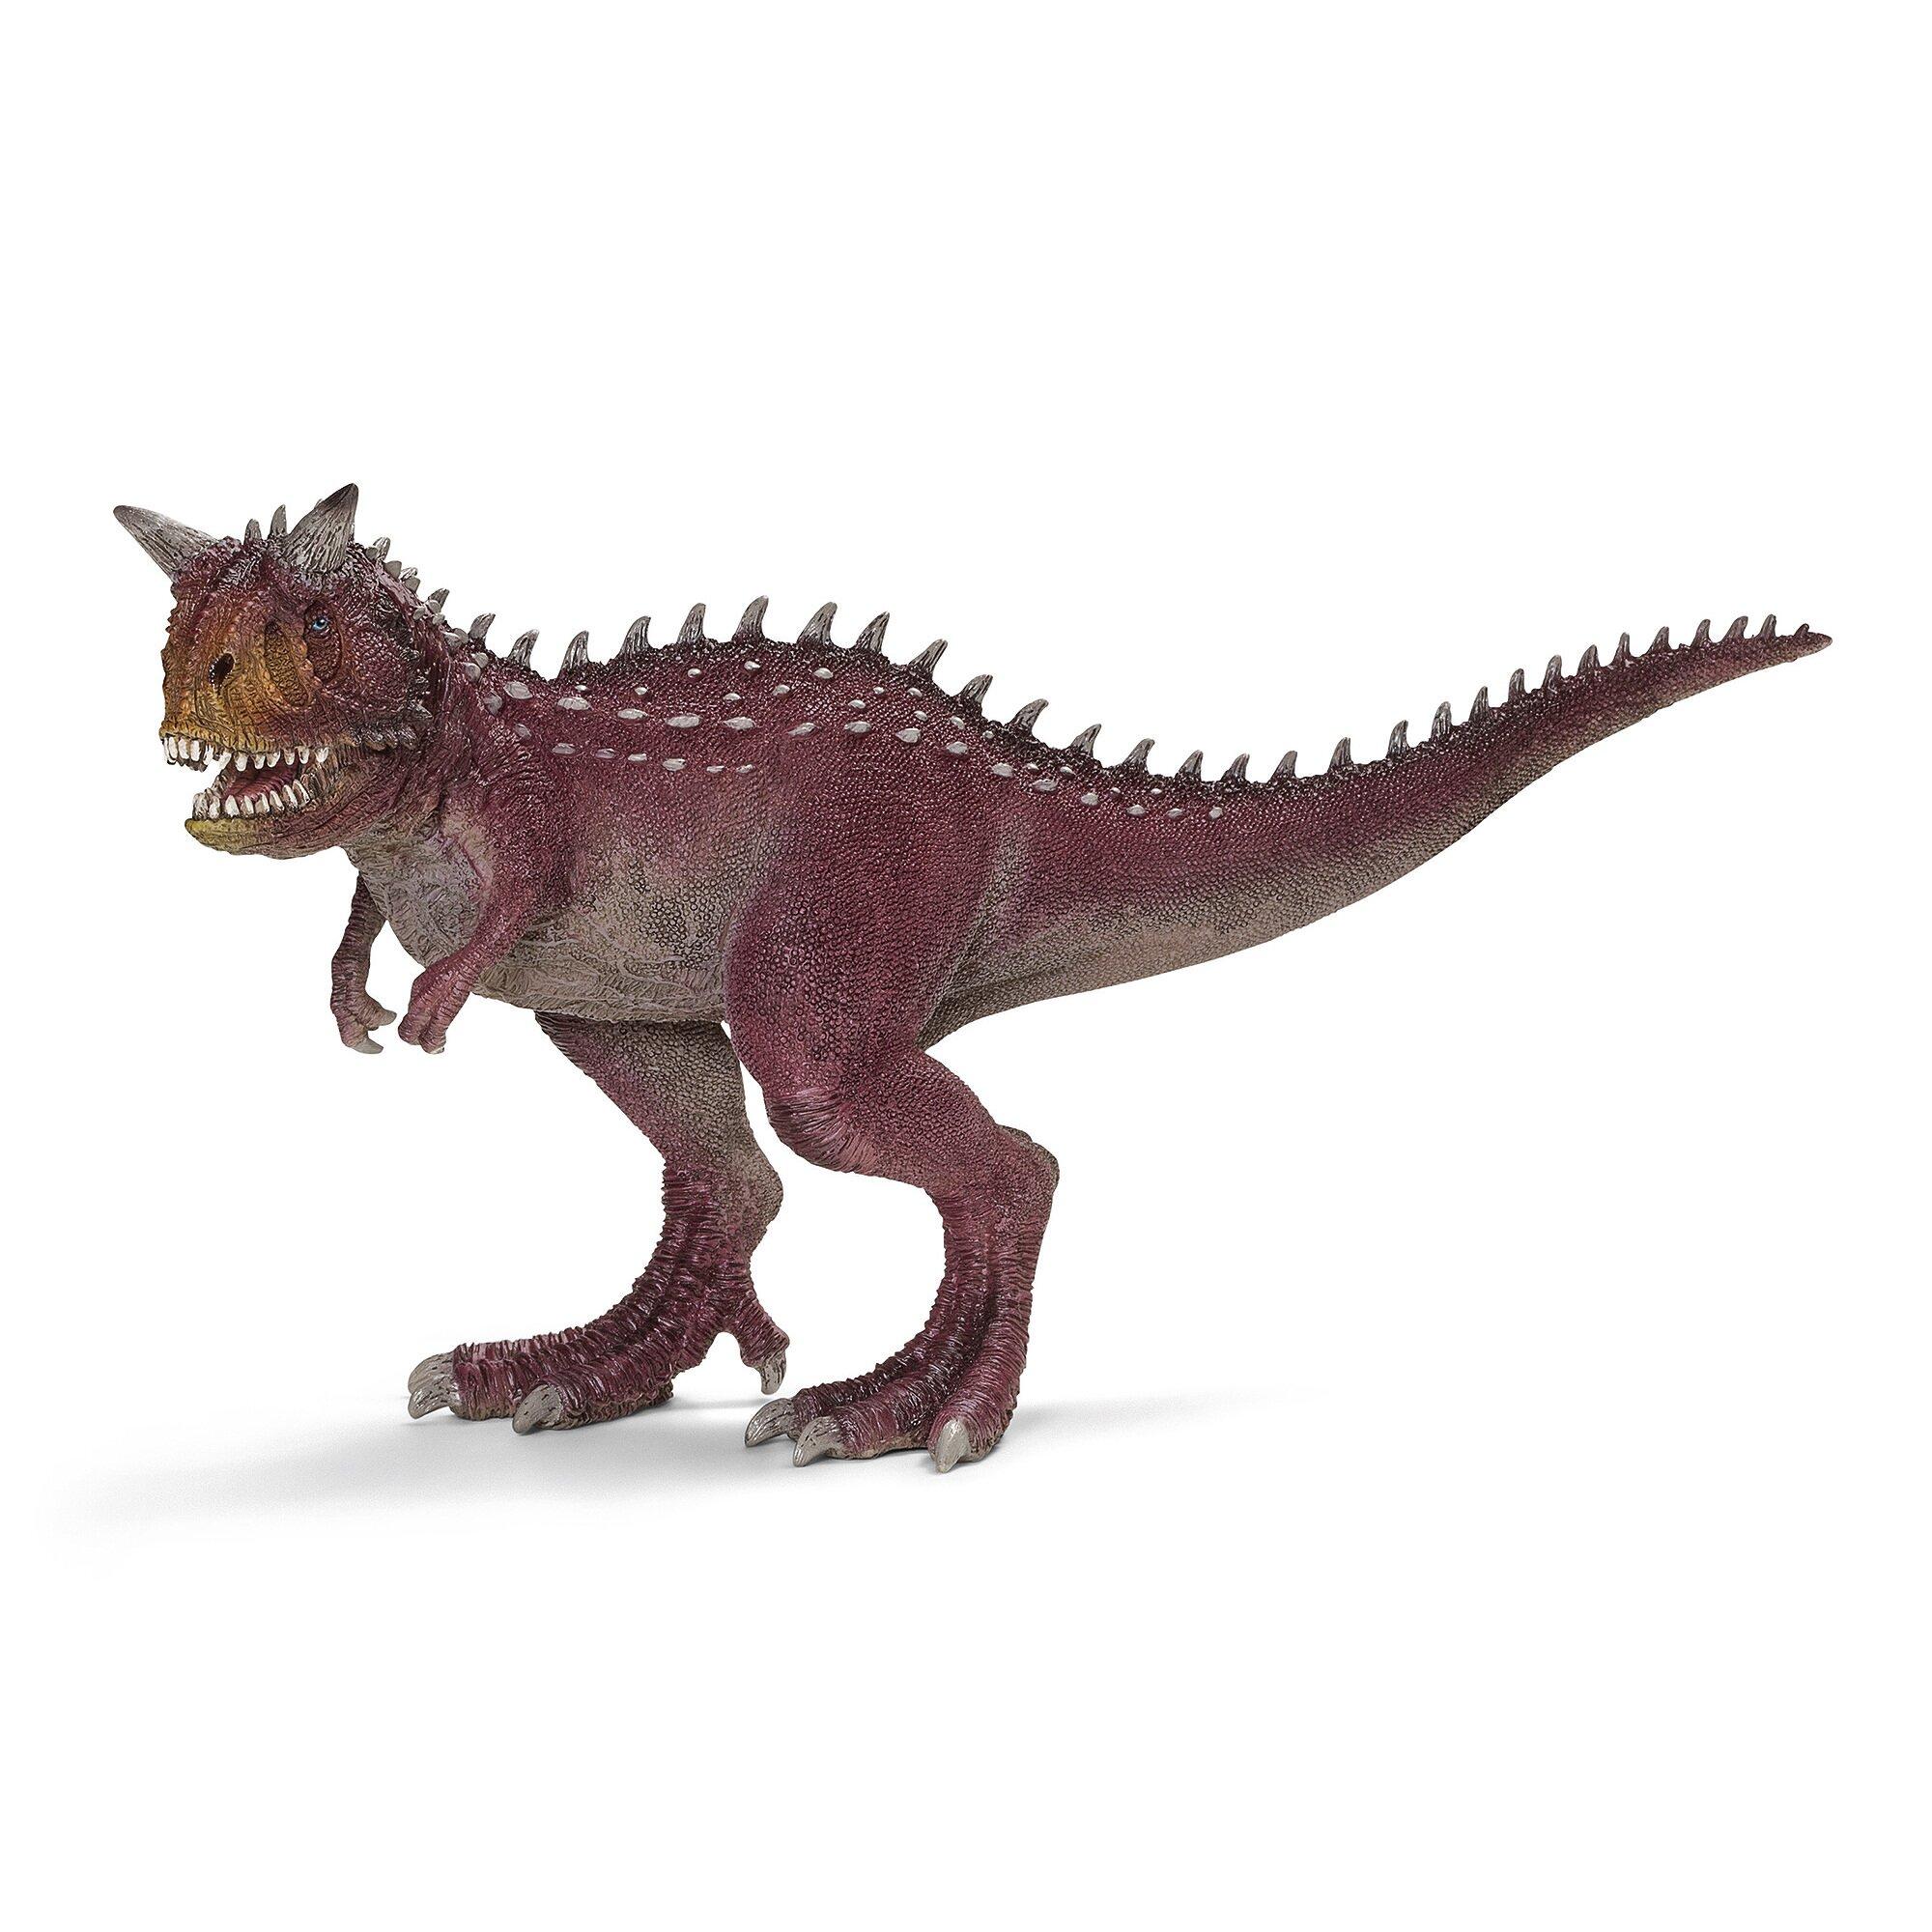 Promotion le carnotaurus chez baby walz - Code promo baby walz frais de port gratuit ...